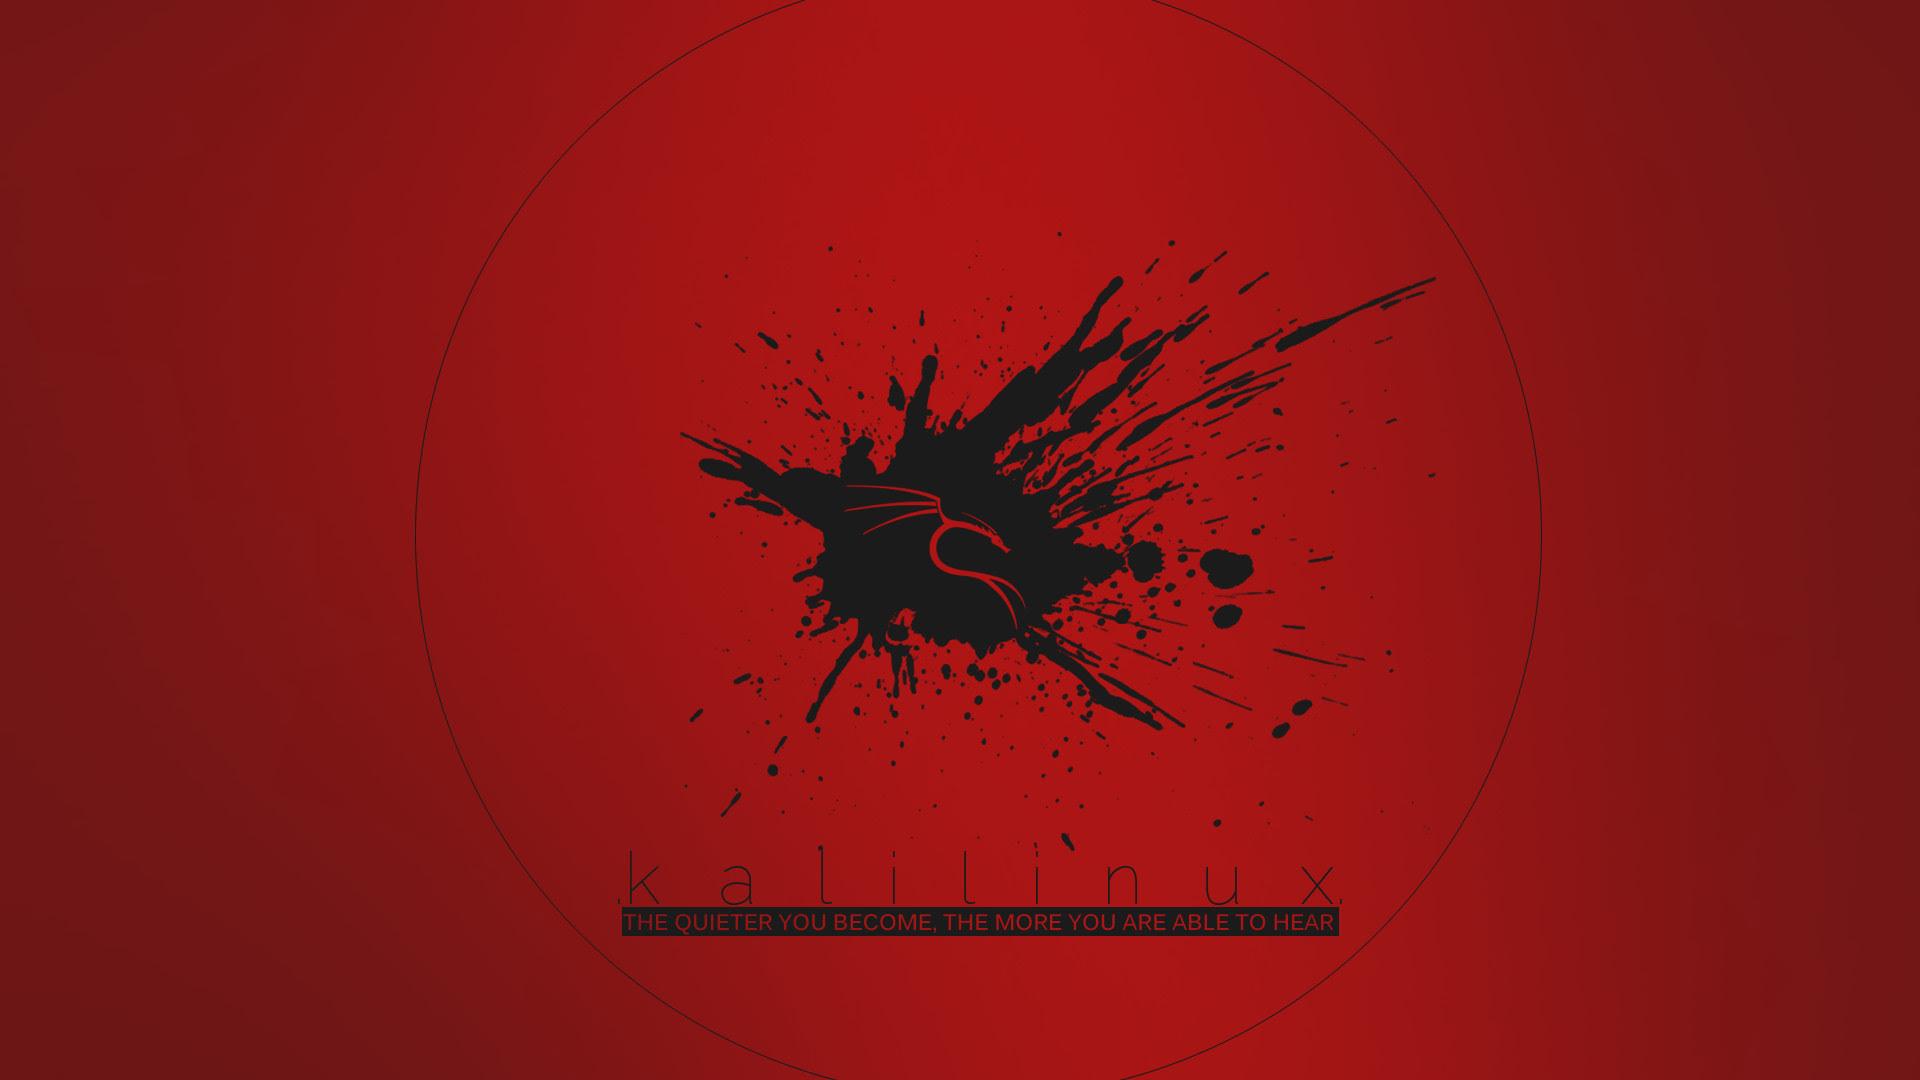 Kali Linux Dragon Wallpaper